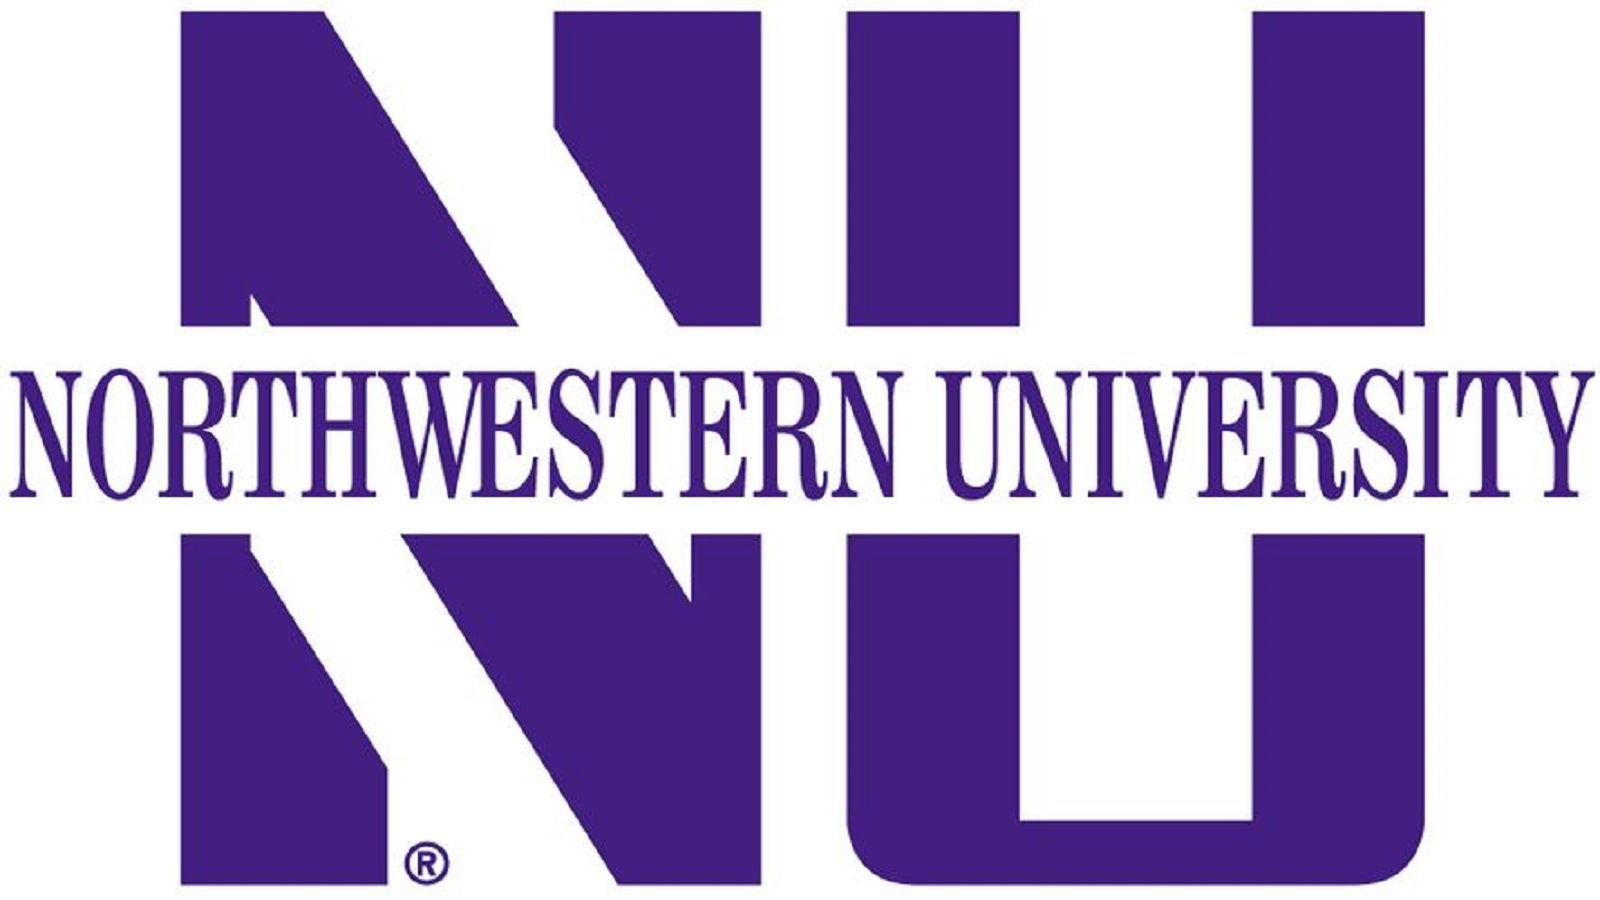 Northwestern University Master's in Information Design & Strategy Online